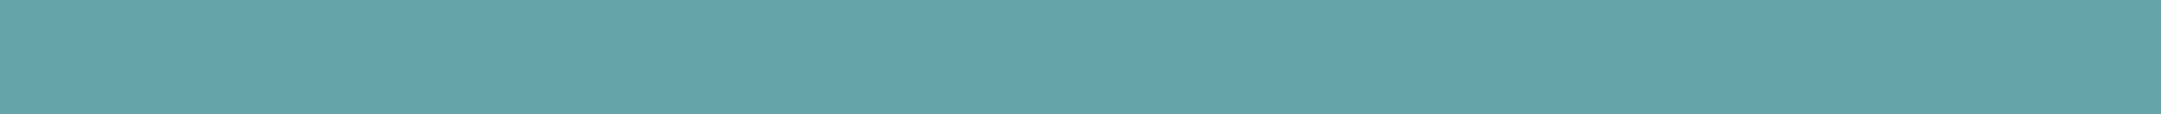 Blue-divider.jpg